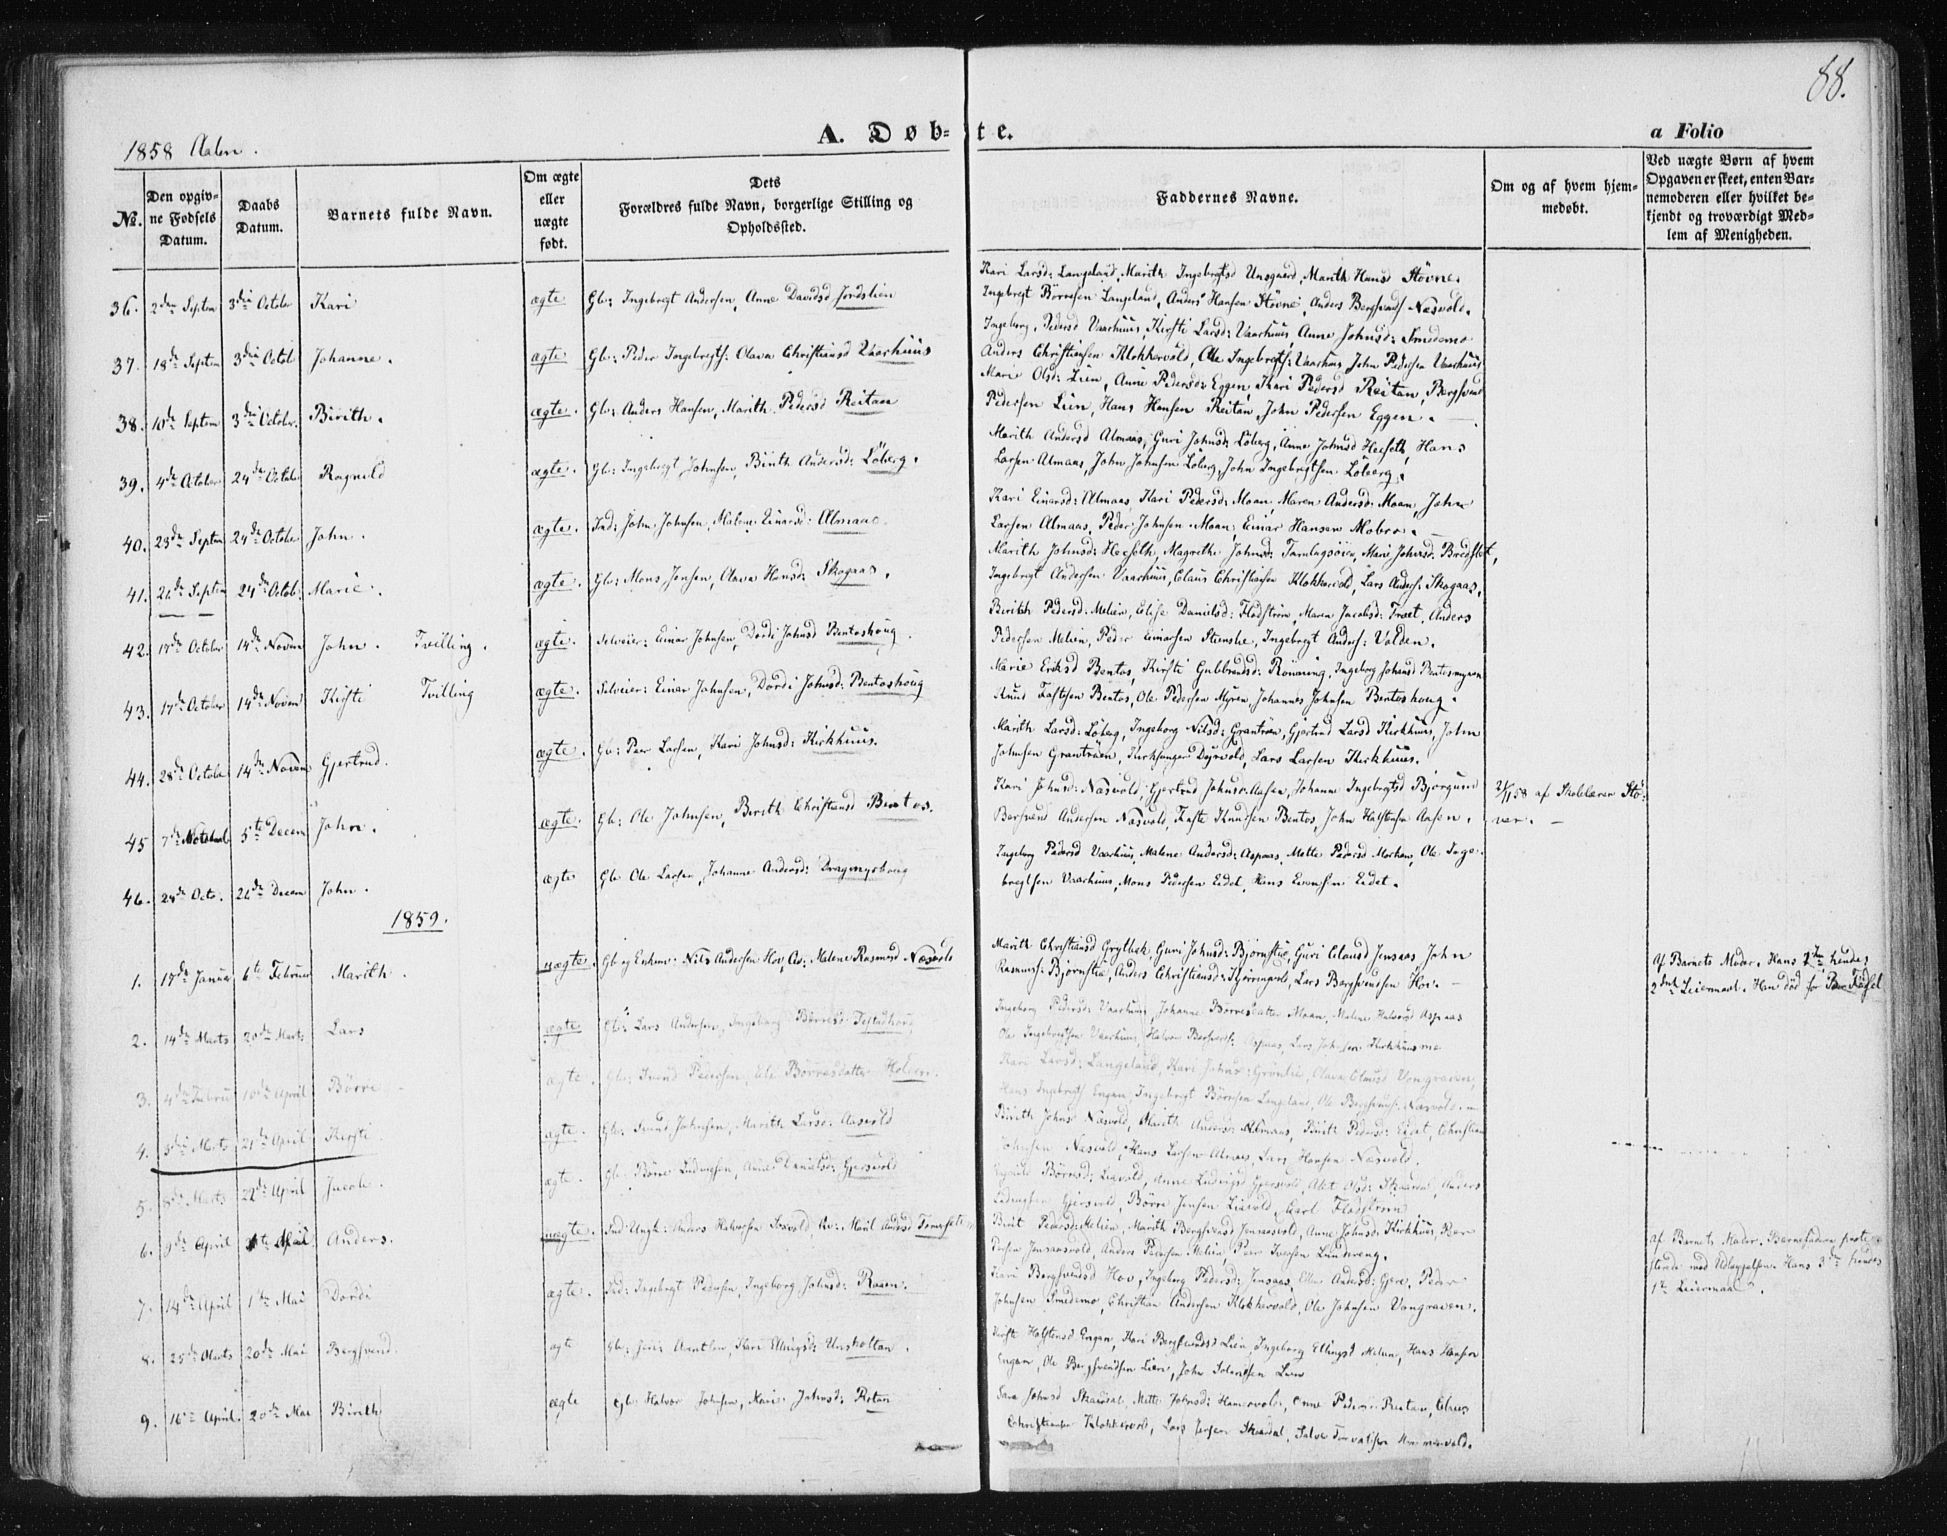 SAT, Ministerialprotokoller, klokkerbøker og fødselsregistre - Sør-Trøndelag, 685/L0965: Ministerialbok nr. 685A06 /3, 1846-1859, s. 88